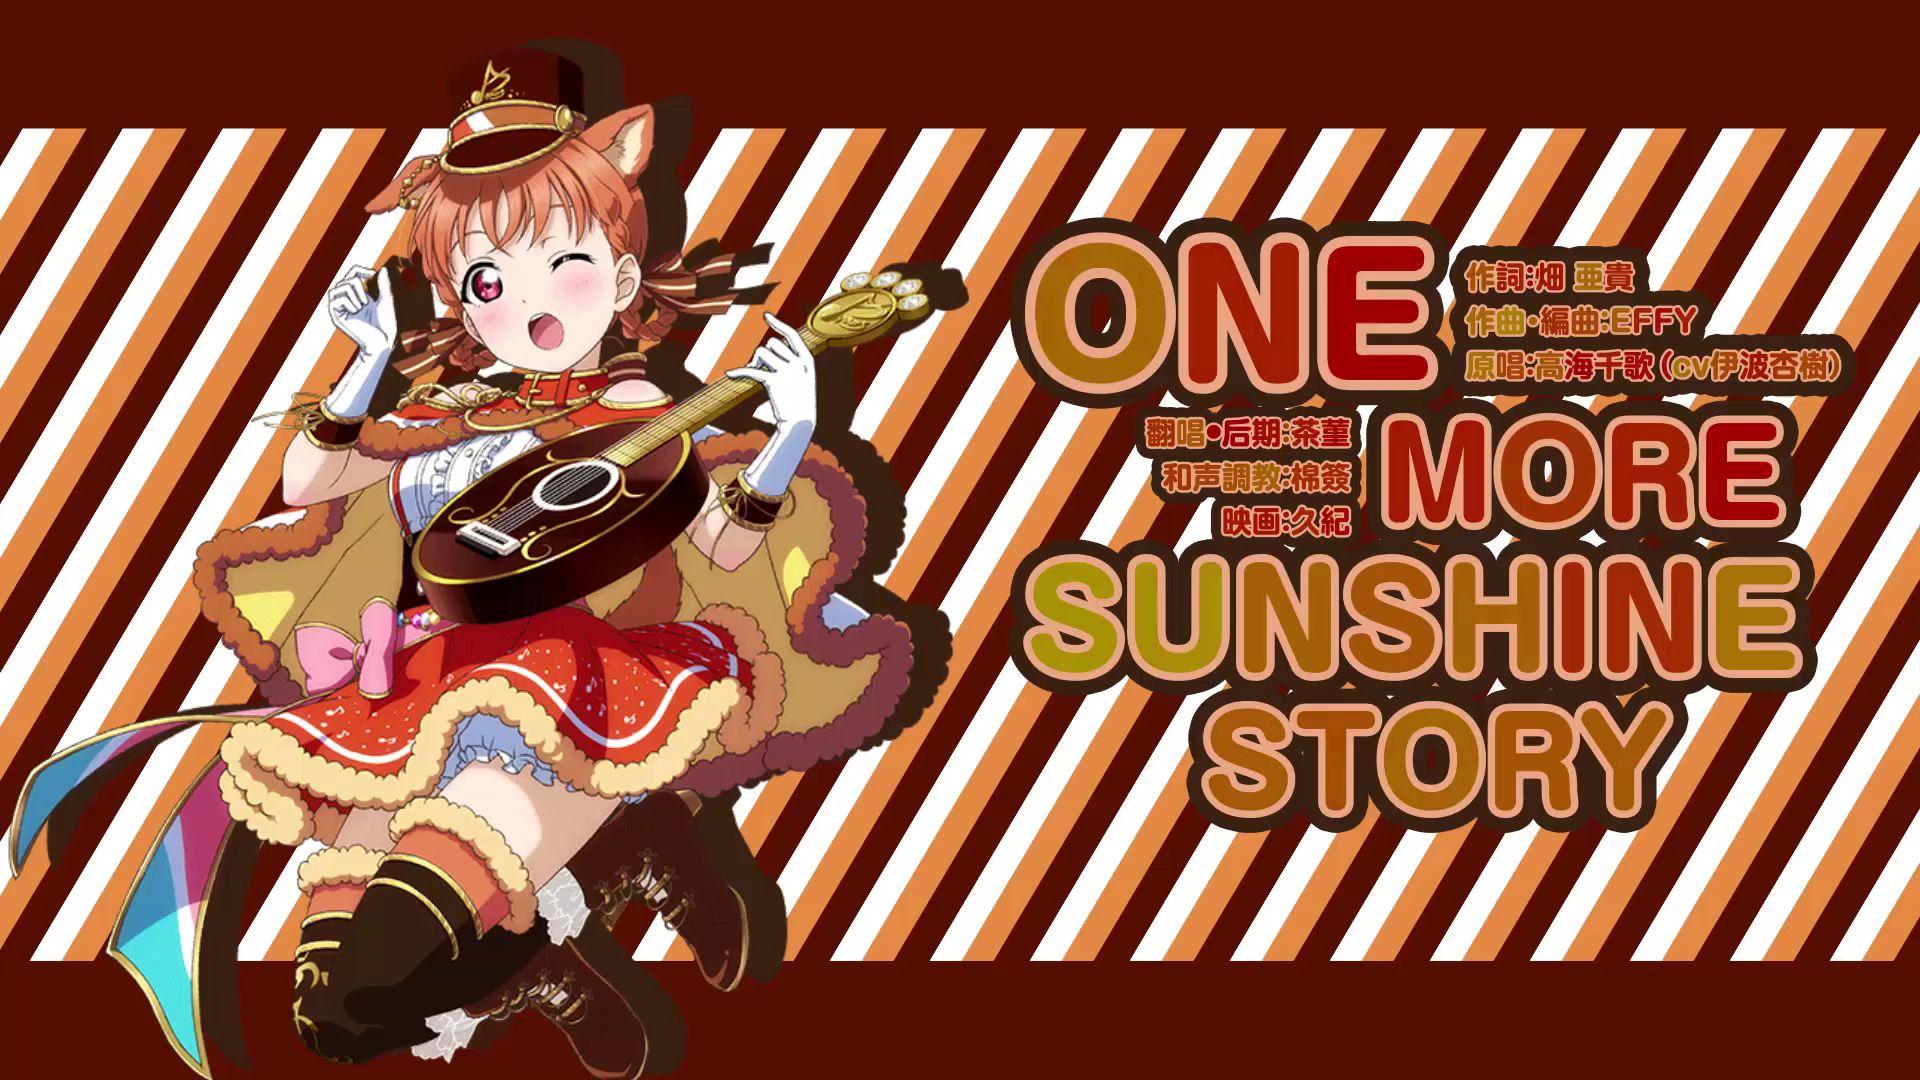 【茶堇翻唱】One More Sunshine Story (高海千歌SOLO曲)